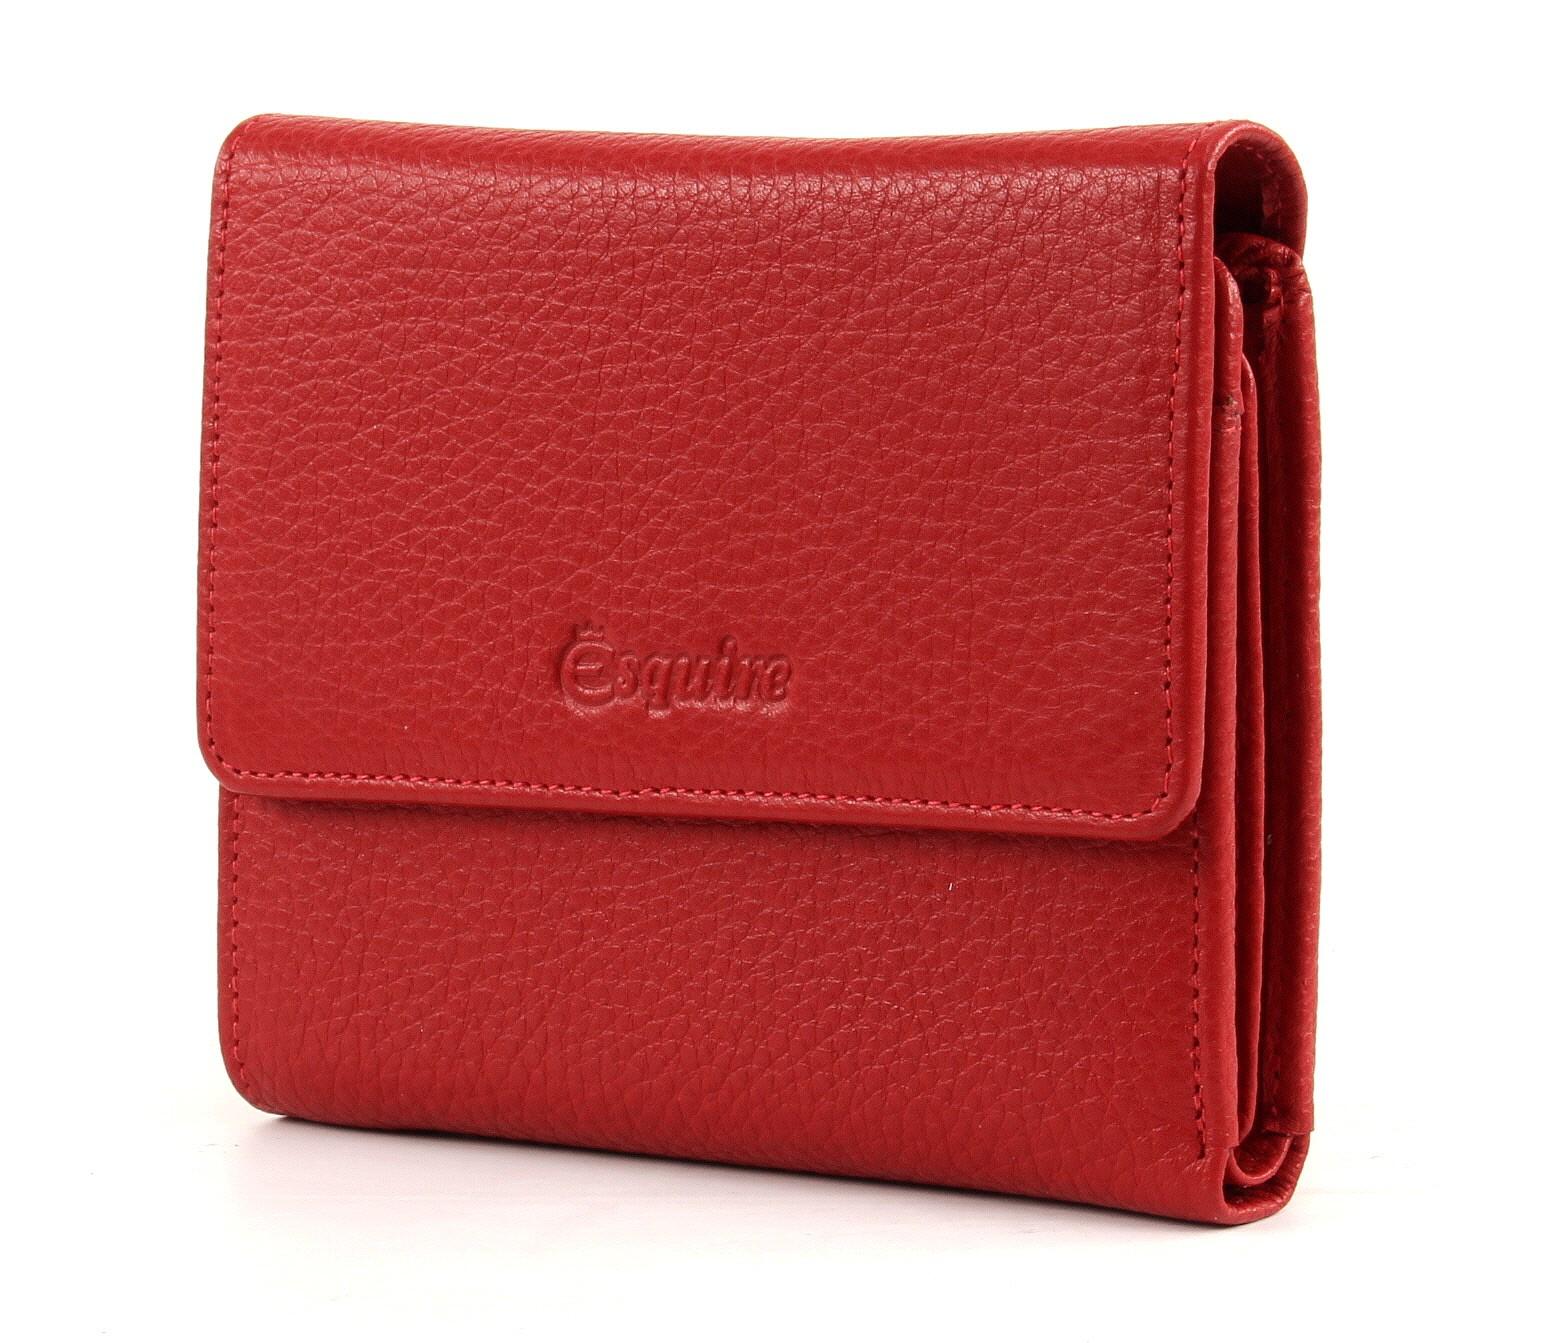 große Auswahl von 2019 Stufen von heiß-verkaufende Mode Details zu Esquire Primavera Ladies Purse M Geldbörse Portemonnaie  Geldbeutel Leder Rot Red